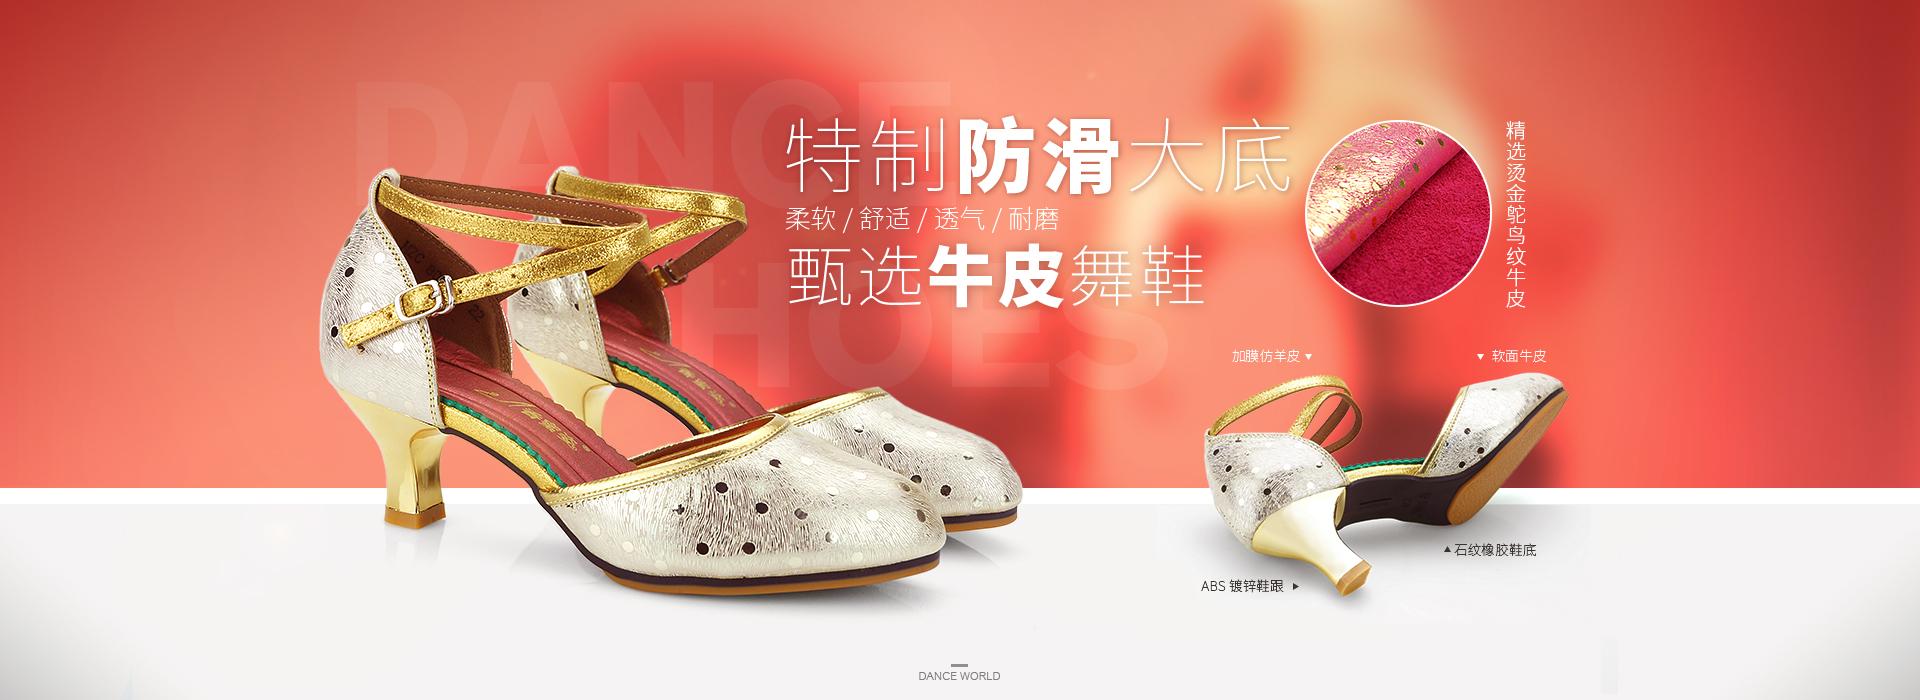 舞鞋2016